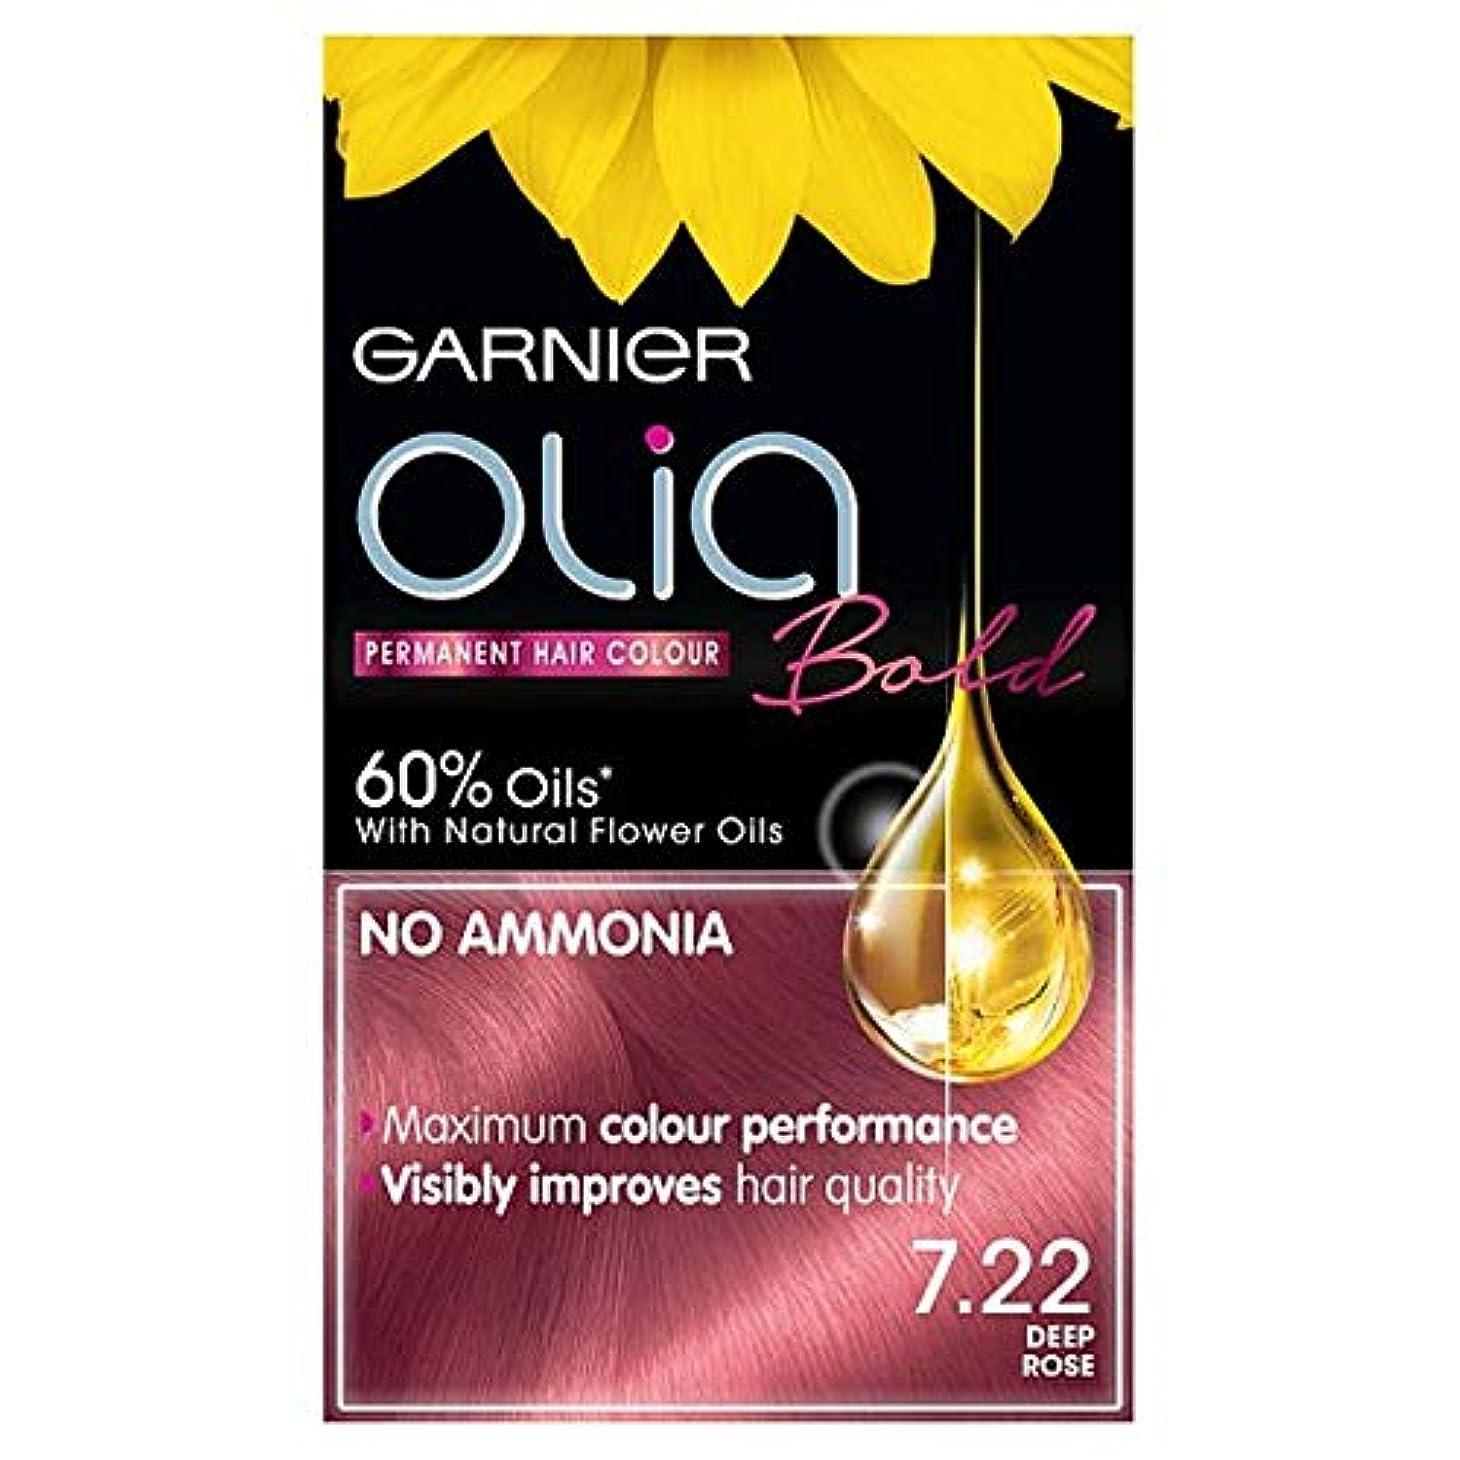 浪費道徳一般[Garnier ] ガルニエOlia大胆な深いは永久染毛剤をバラ - Garnier Olia Bold Deep Rose Permanent Hair Dye [並行輸入品]